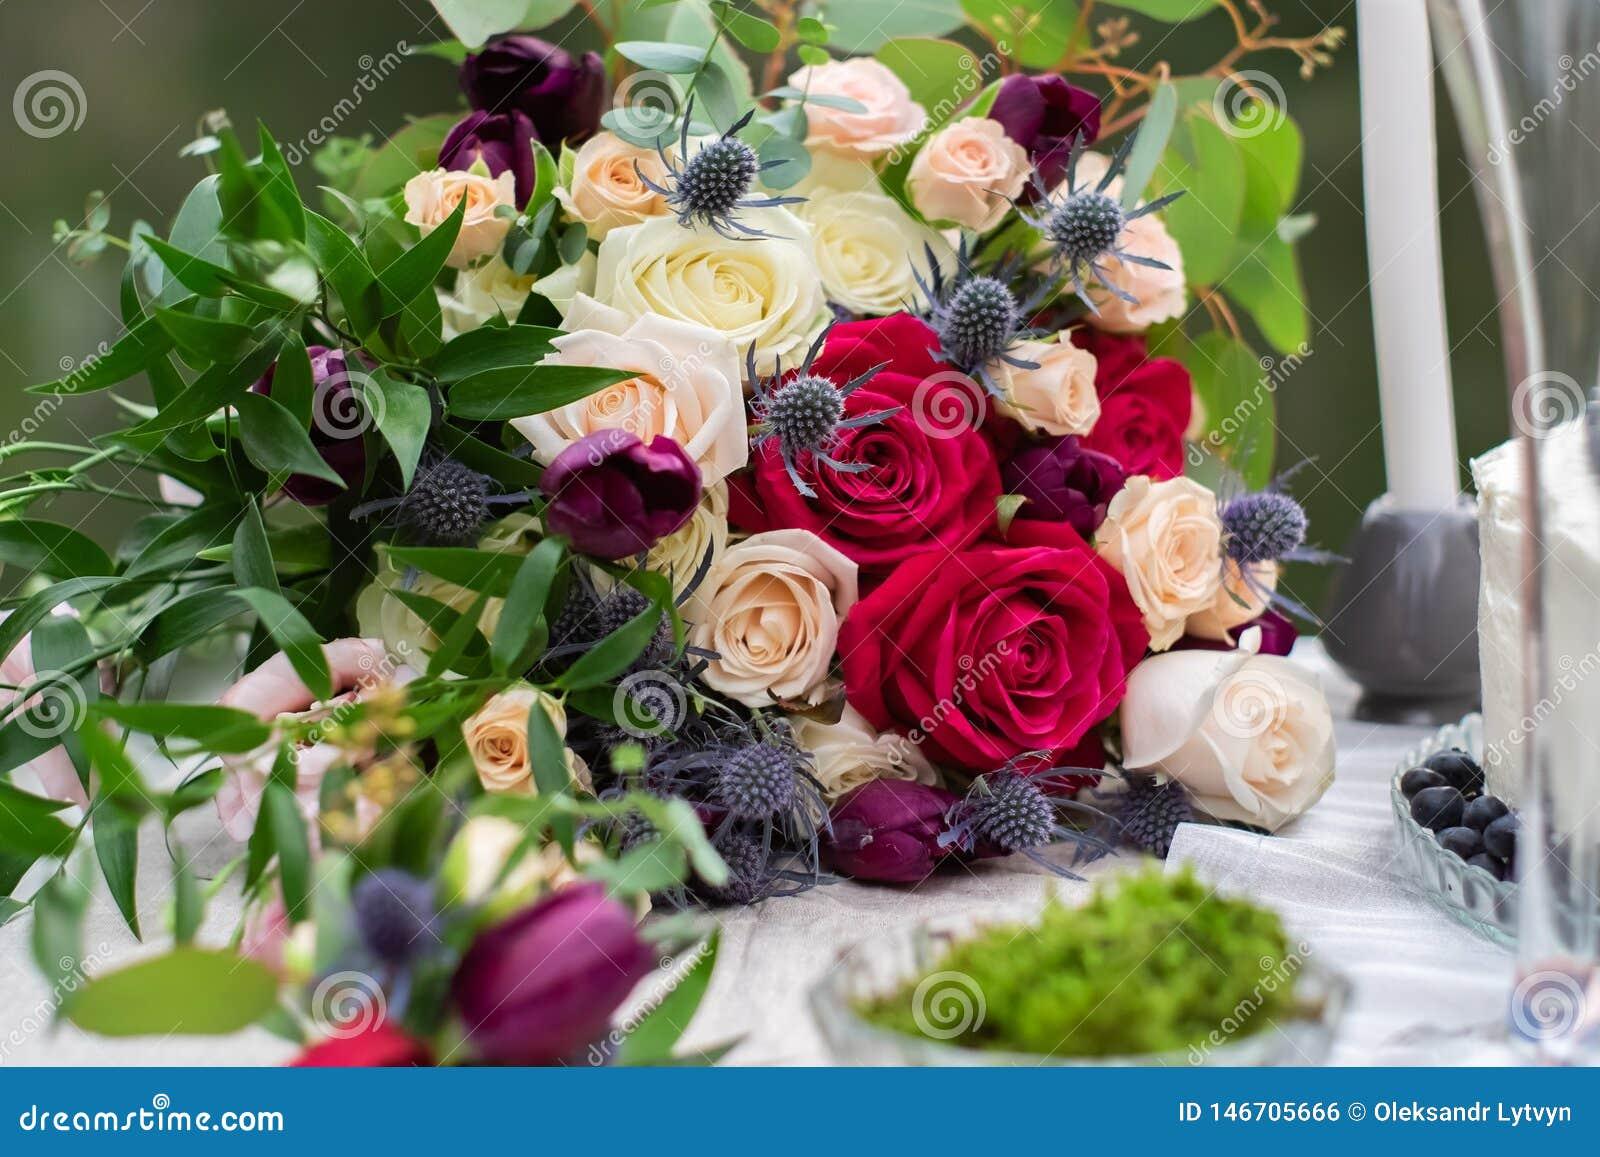 Feverweed精美婚姻的花束与伯根地奶油色桃红色玫瑰和,特写镜头